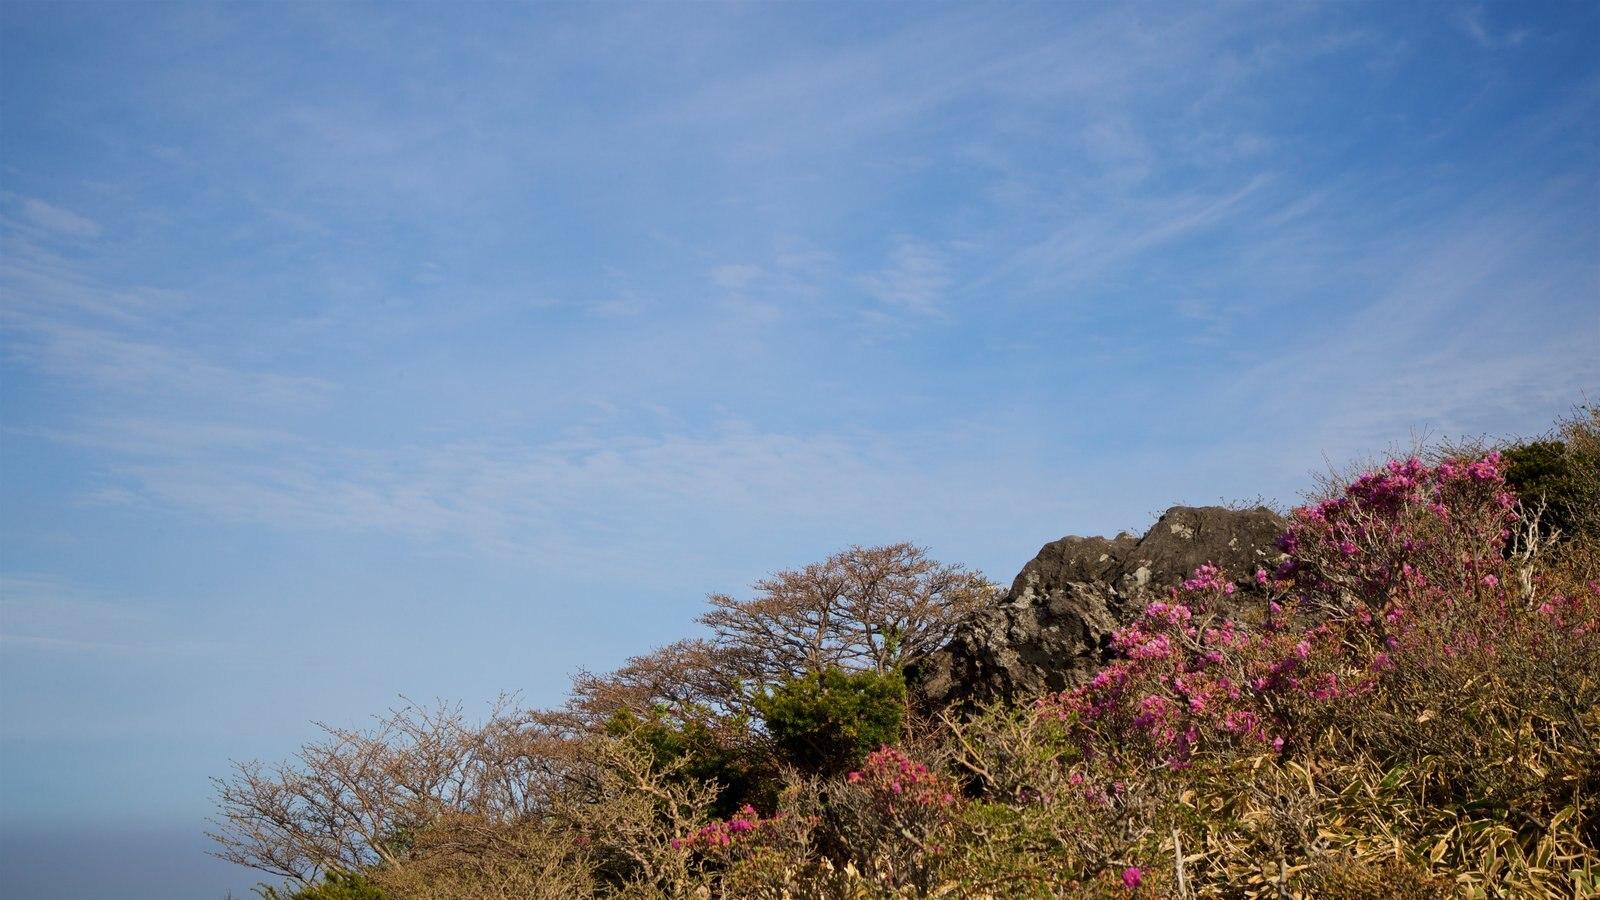 Parque Nacional de Hallasan mostrando escenas tranquilas y flores silvestres